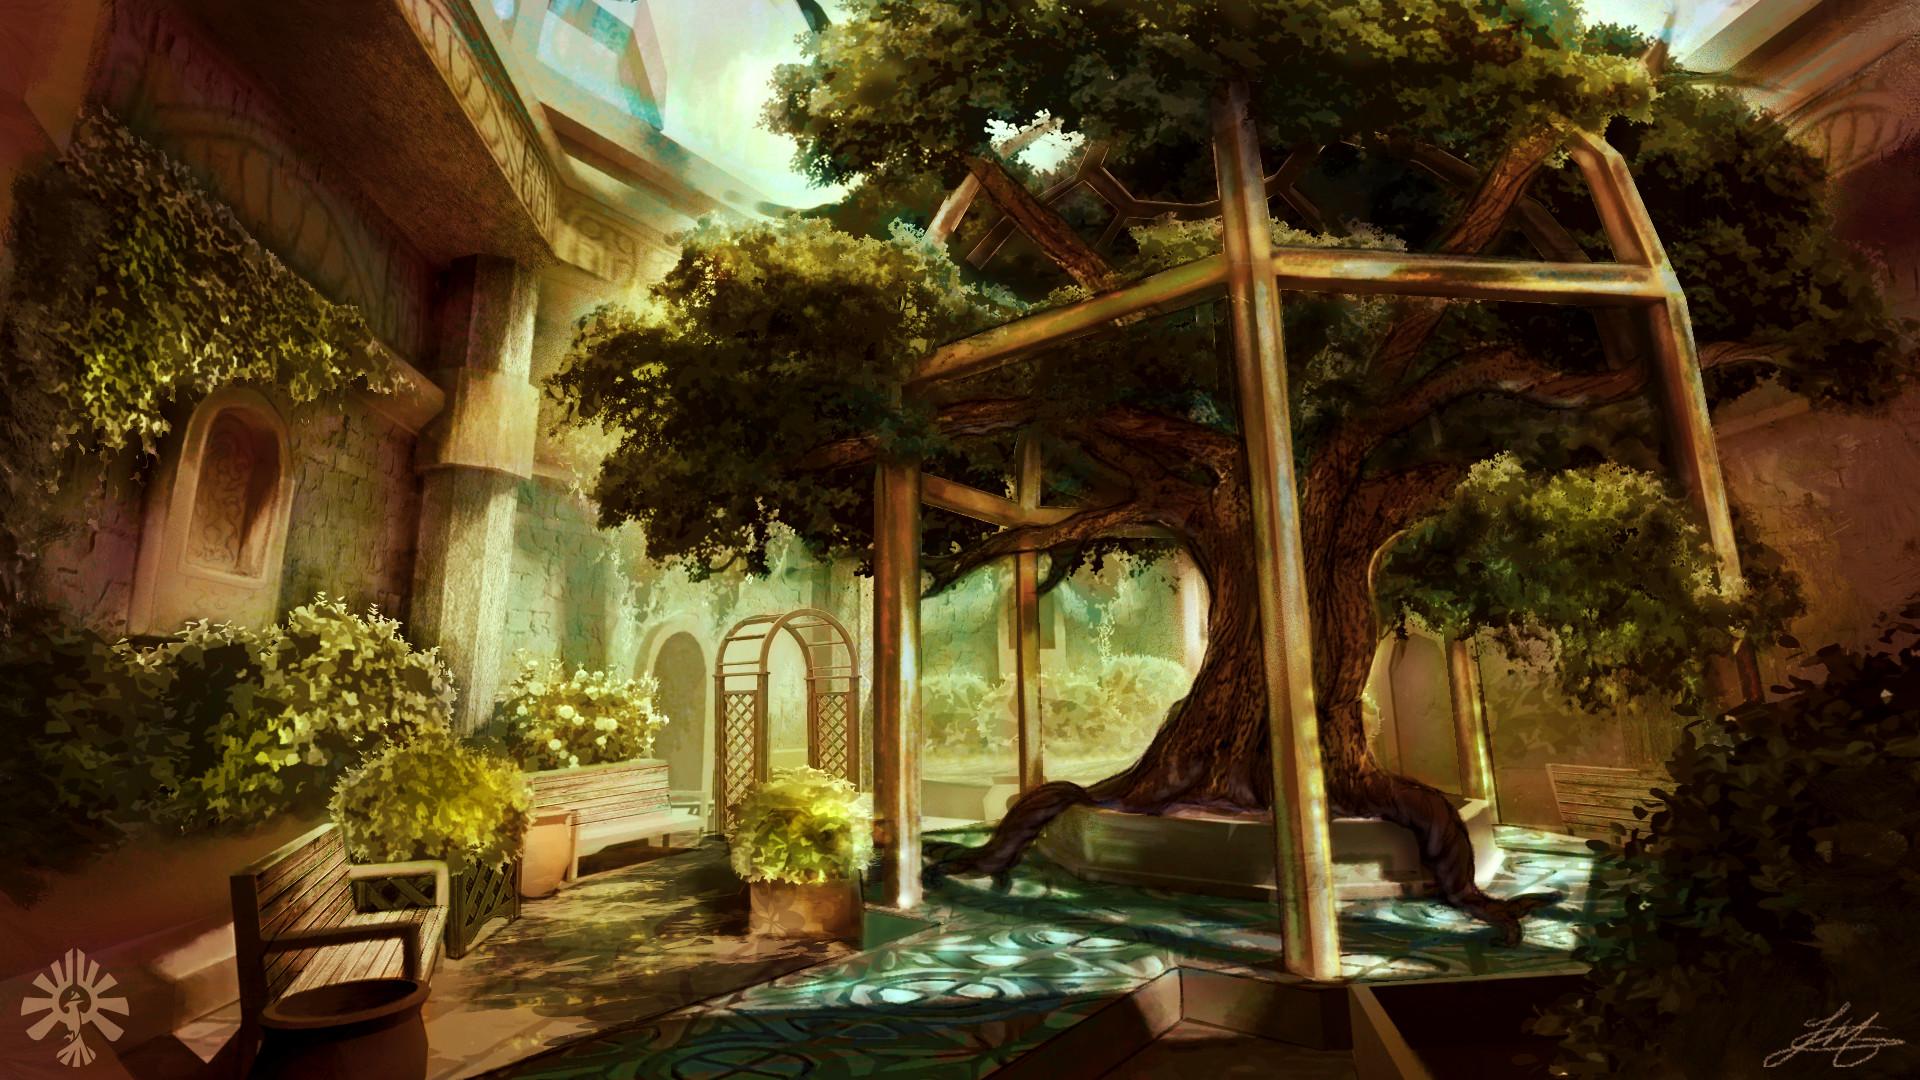 Taylor Ann McCleave - The Sacred Garden